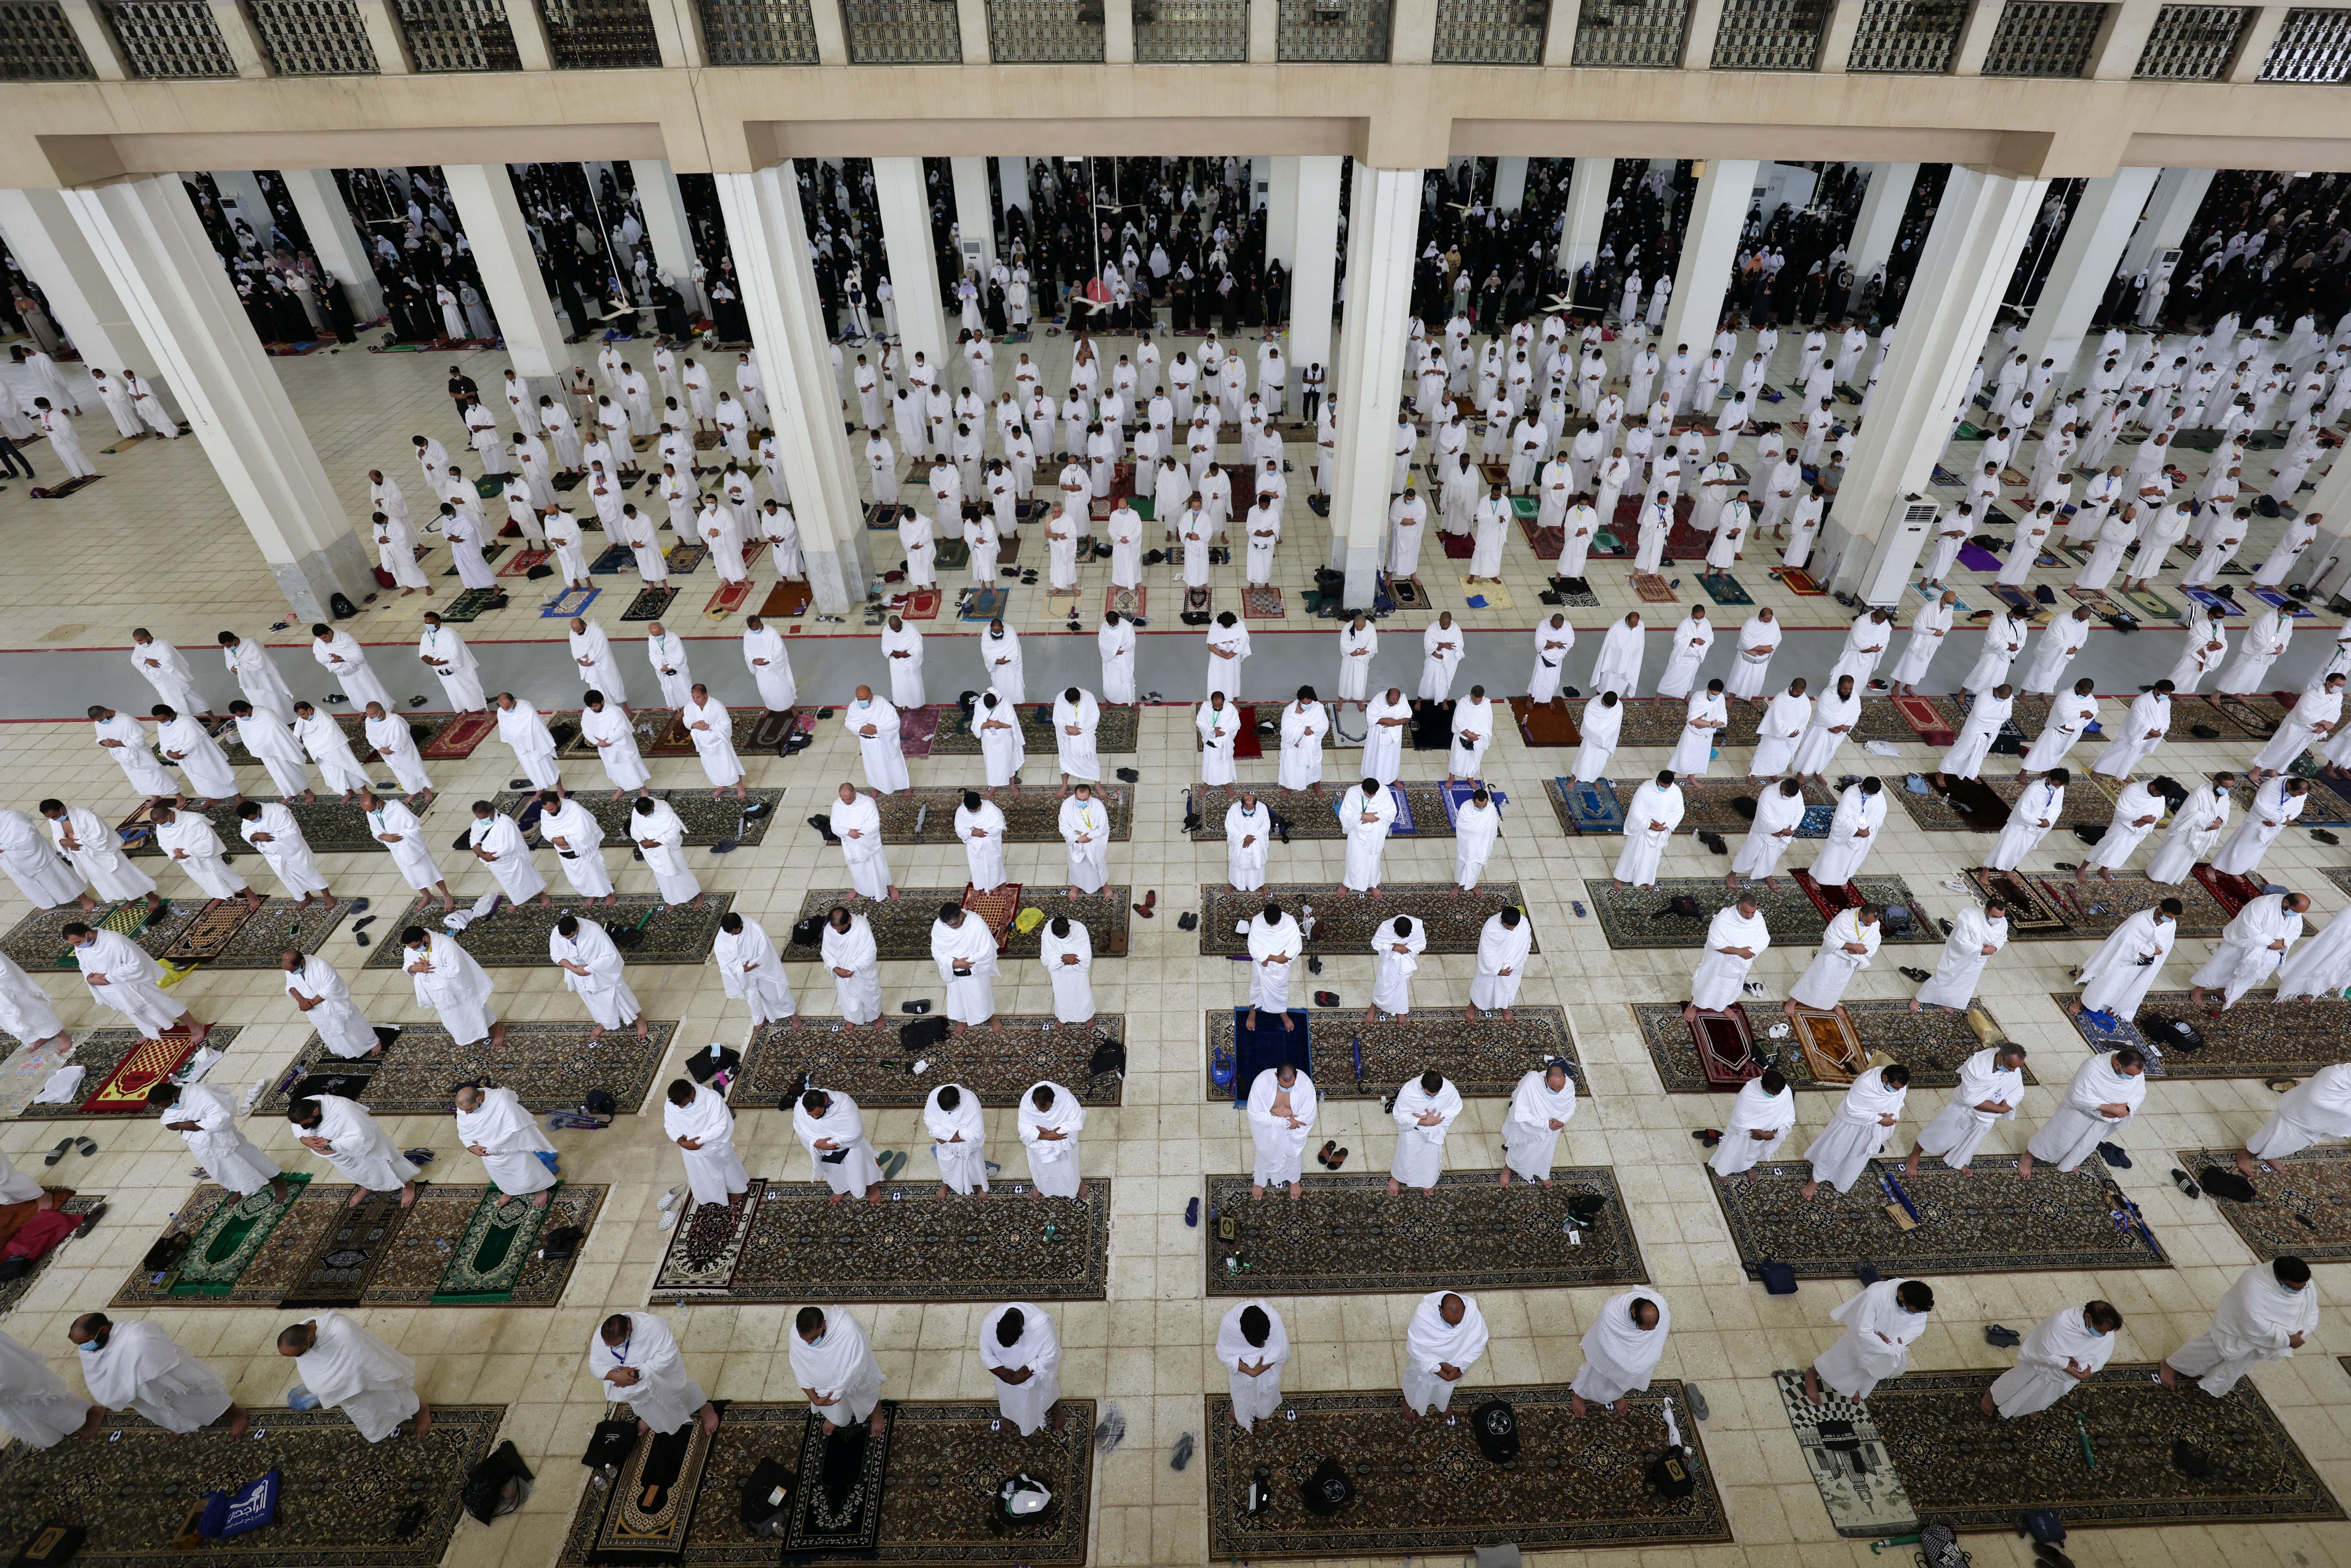 अराफत के मैदान में नमीरा मस्जिद में नमाज पढ़ते जायरीन।